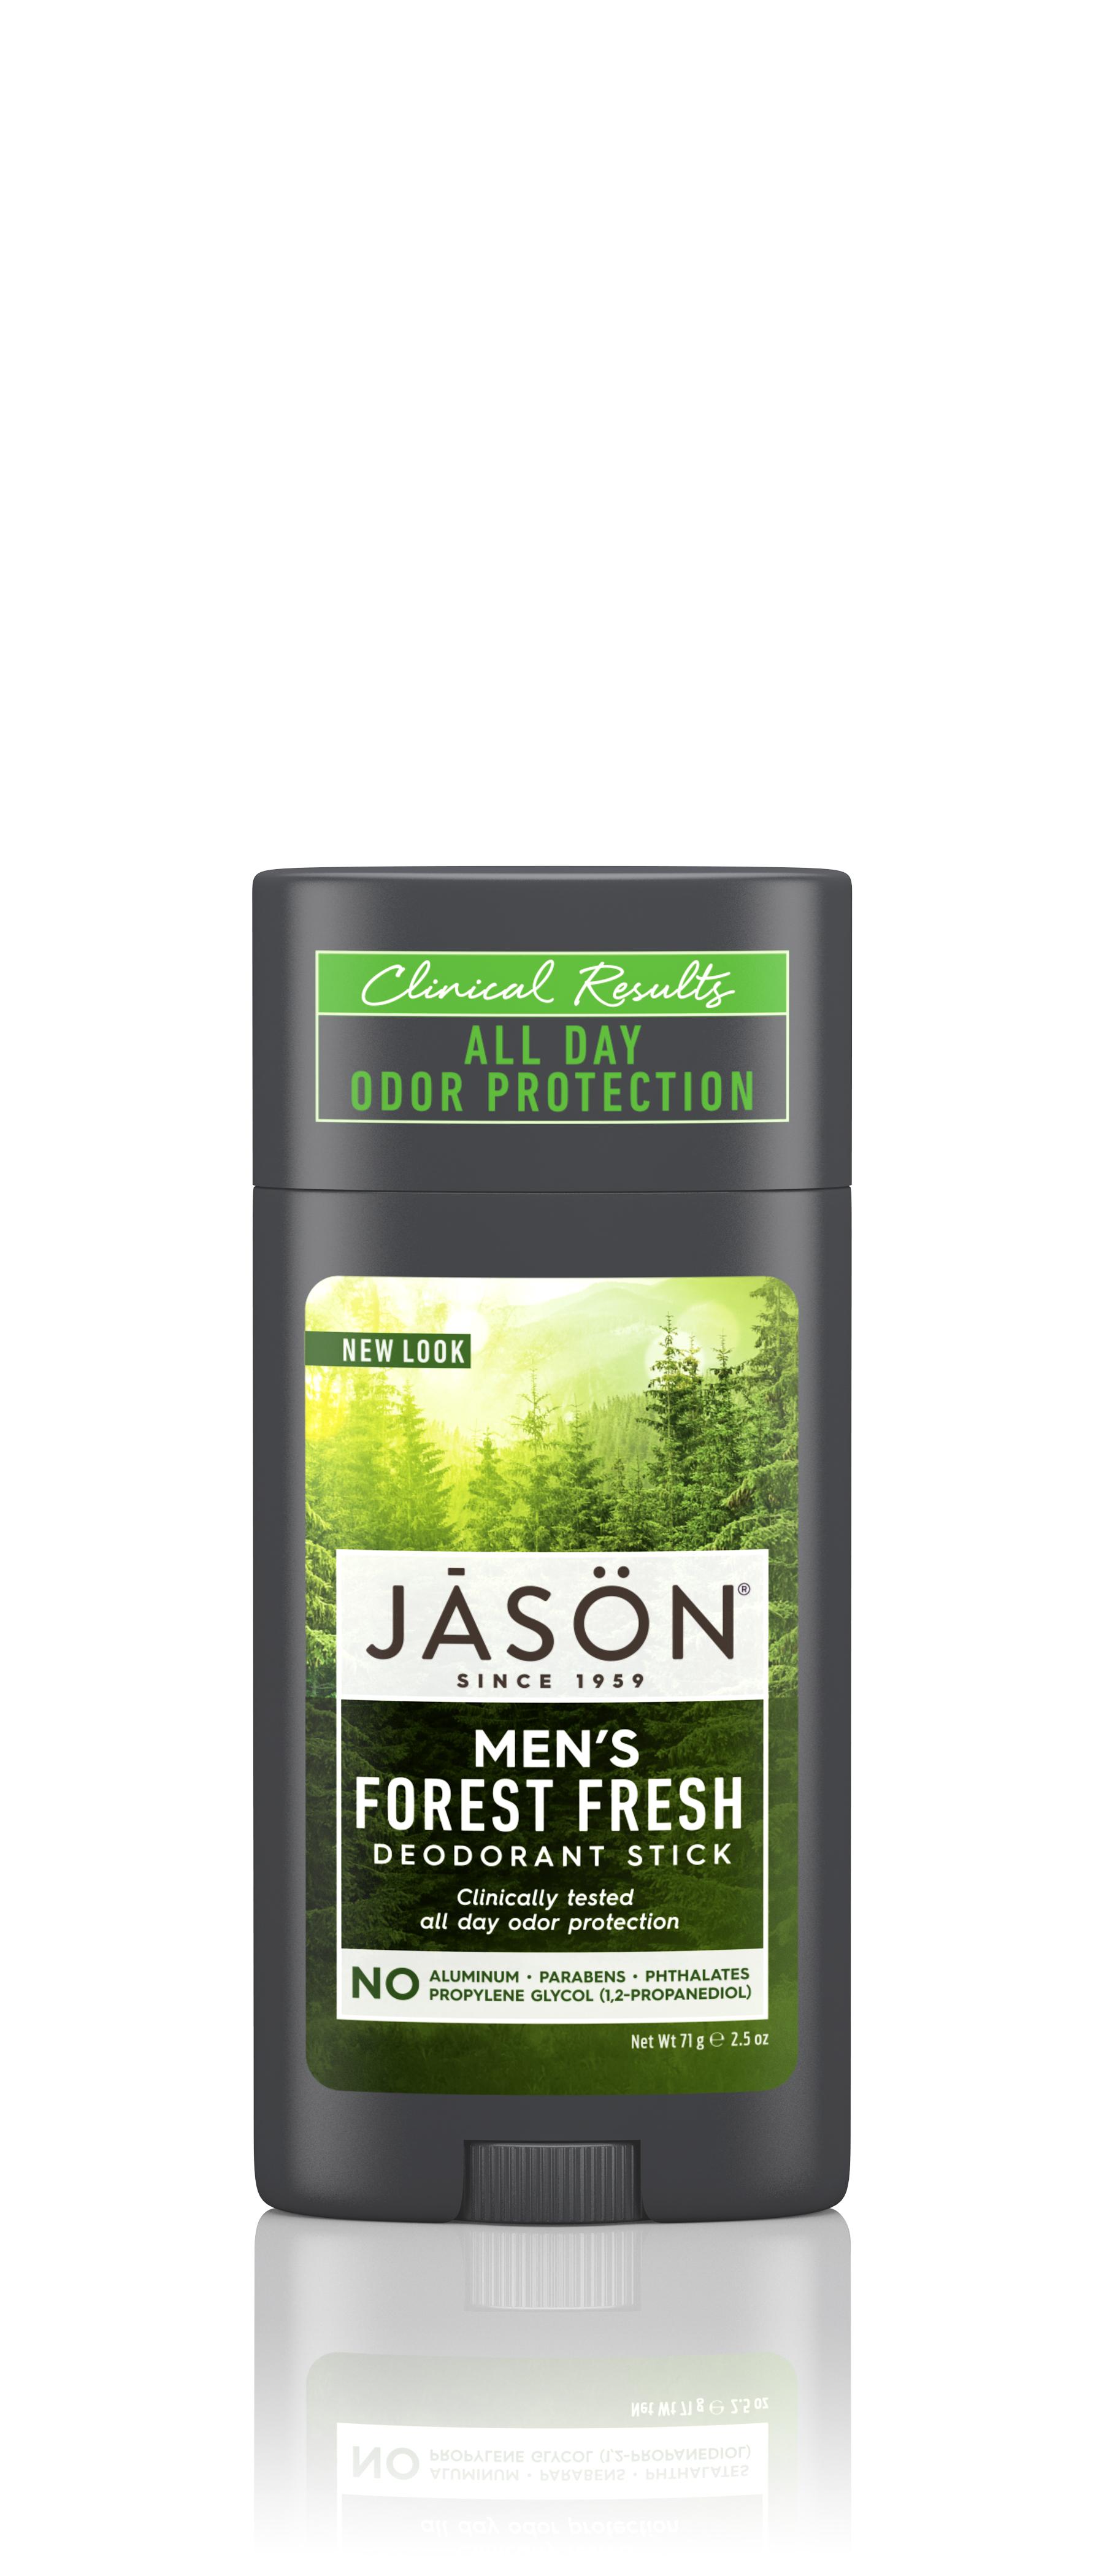 דאודורנט סטיק לגבר בניחוח יער רענן